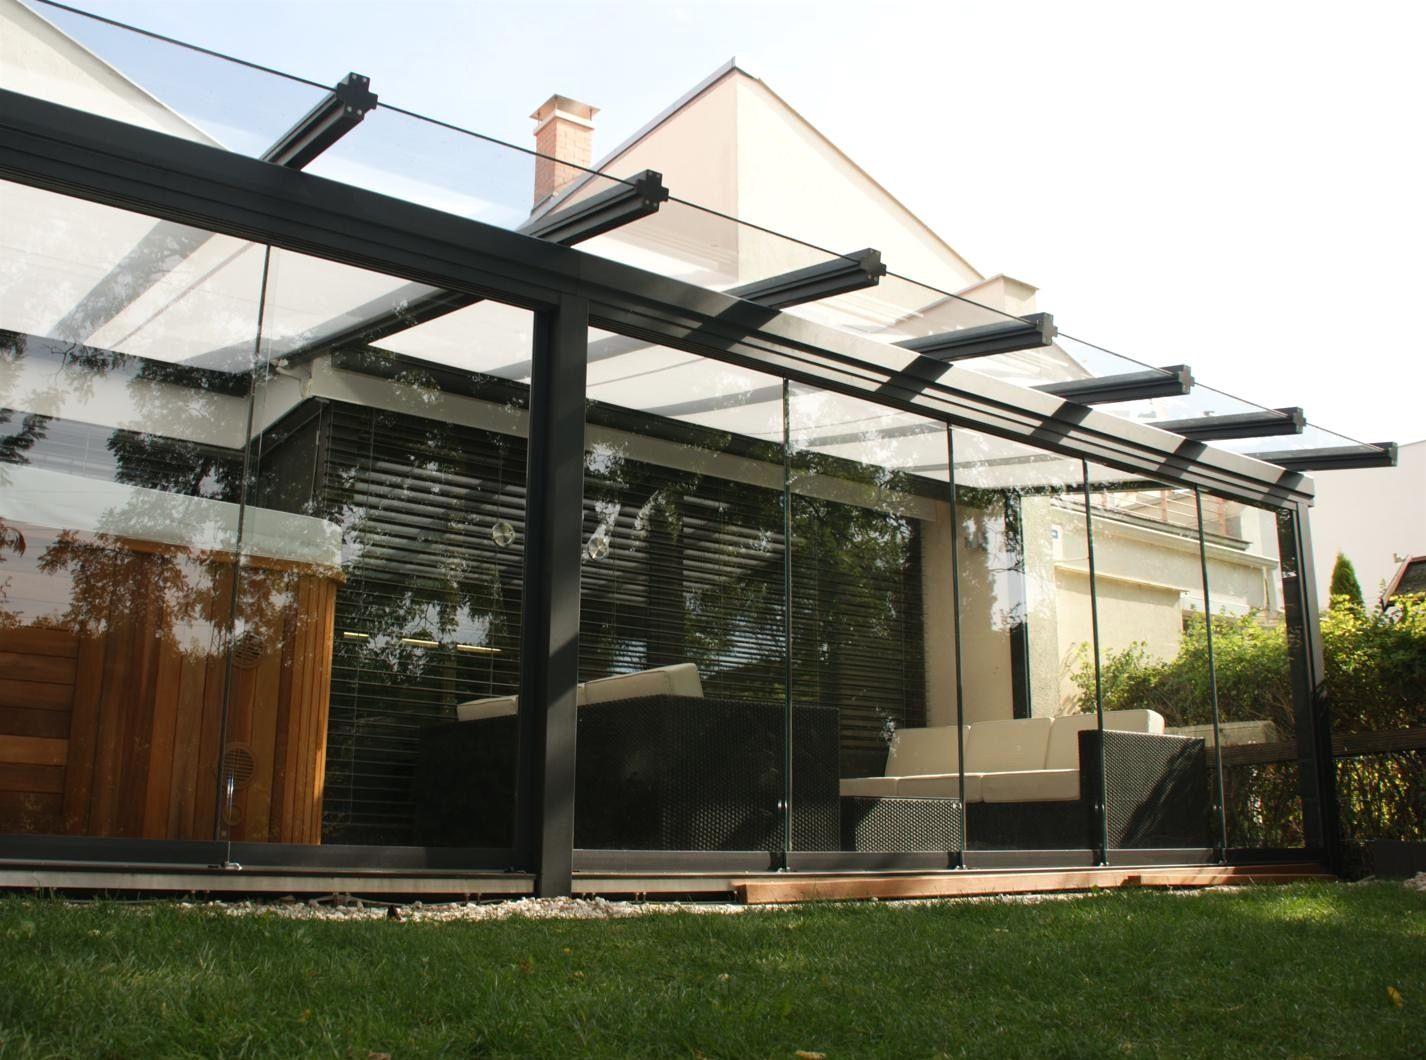 Großartig Kaltwintergarten Auf Ideen Fur Haus Und Garten